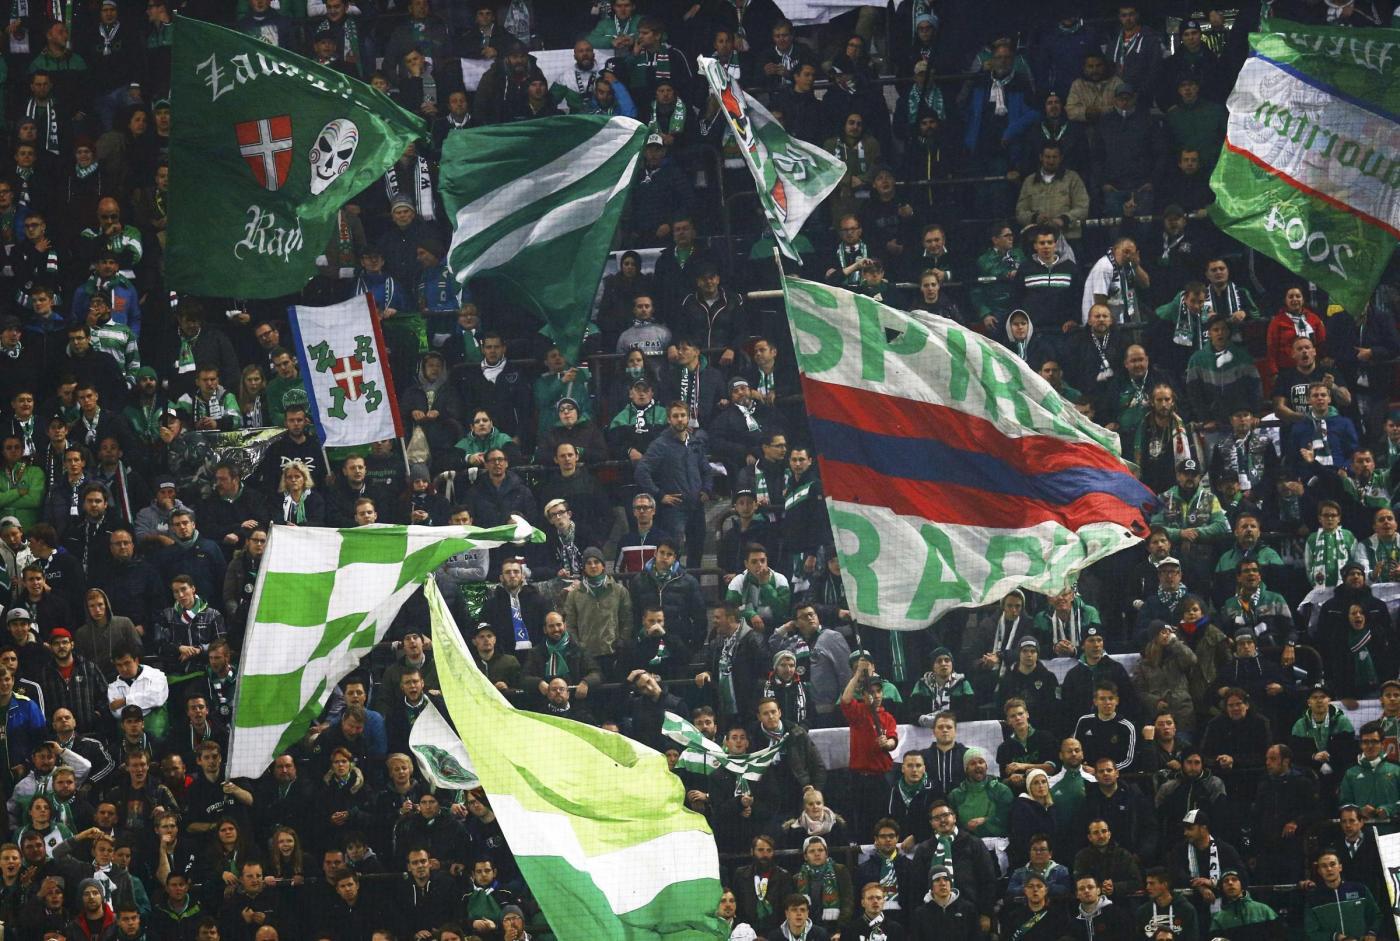 Tifosi Rapid Vienna sbagliano stadio: a Bologna invece che a Reggio Emilia